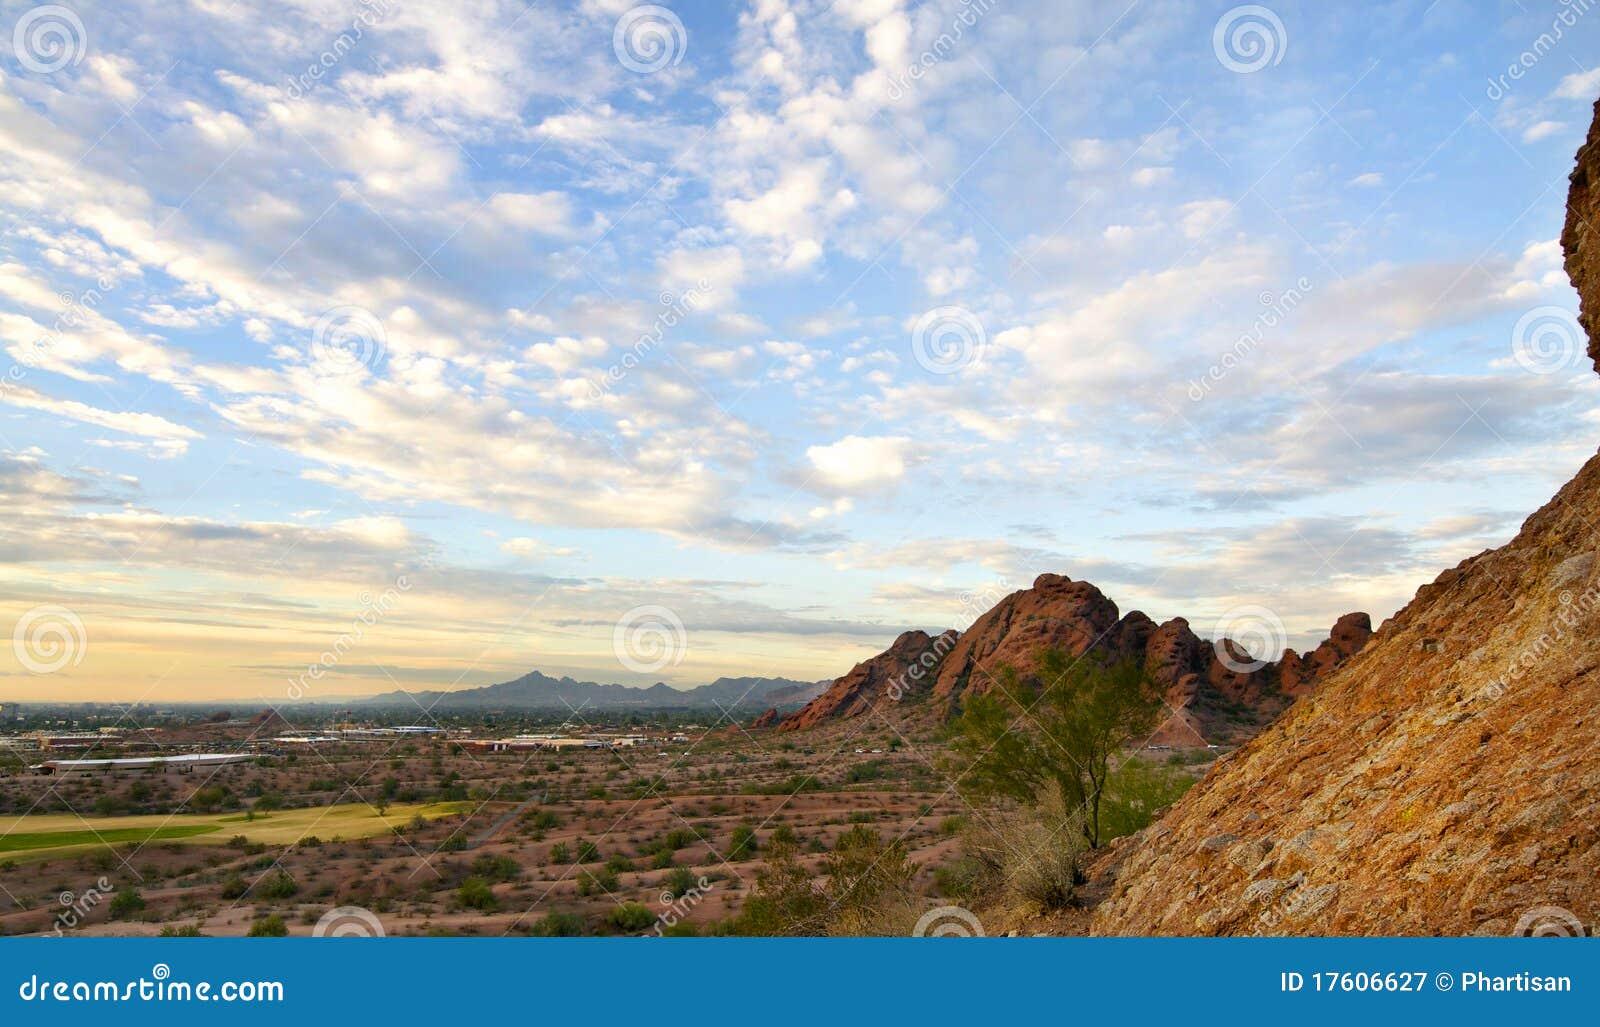 взгляд долины солнца phoenix